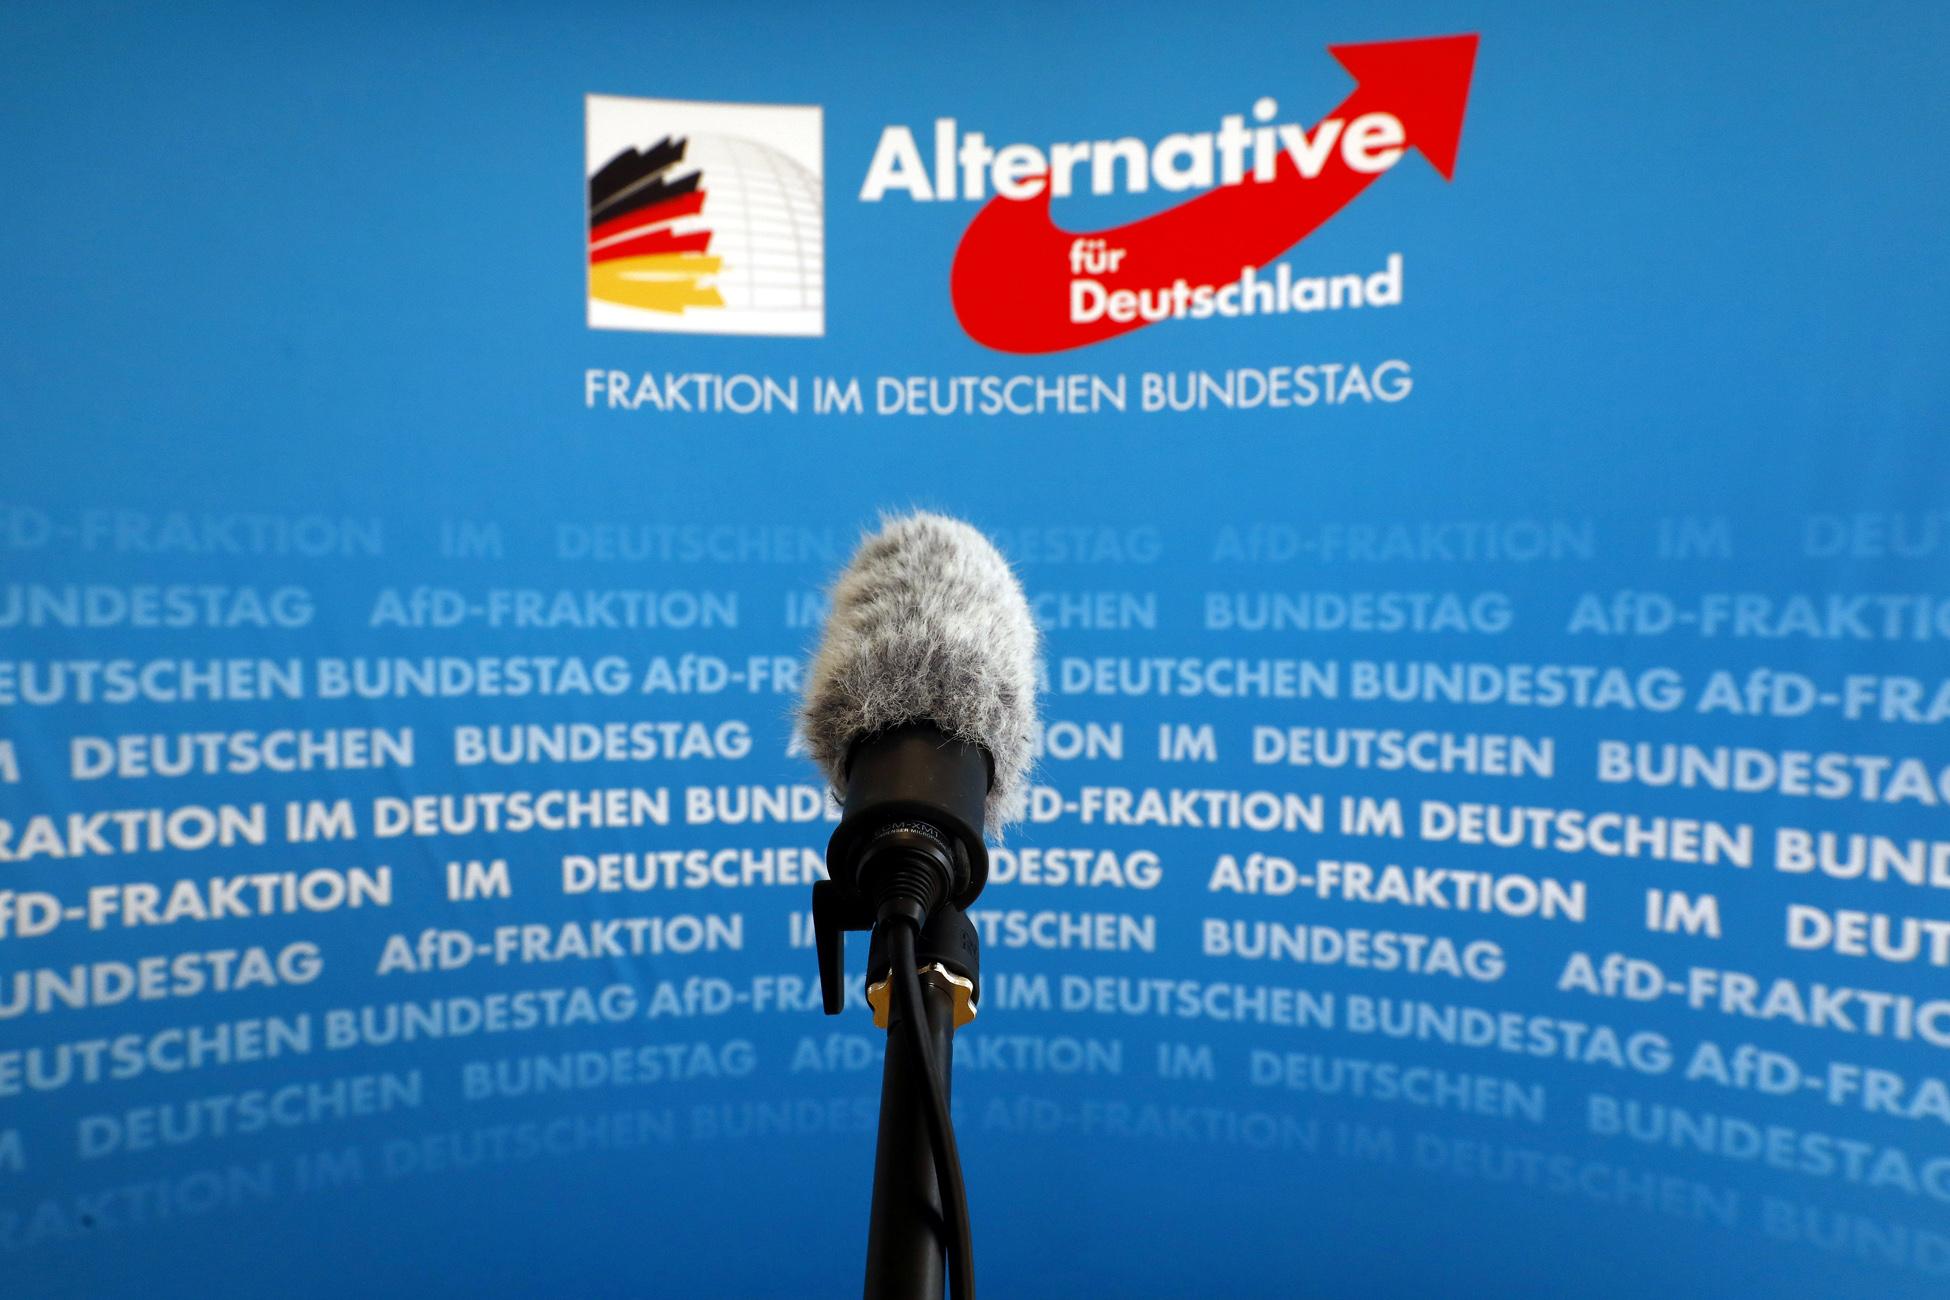 Γερμανία: Η αστυνομία ερευνά το AfD για δεξιό εξτρεμισμό